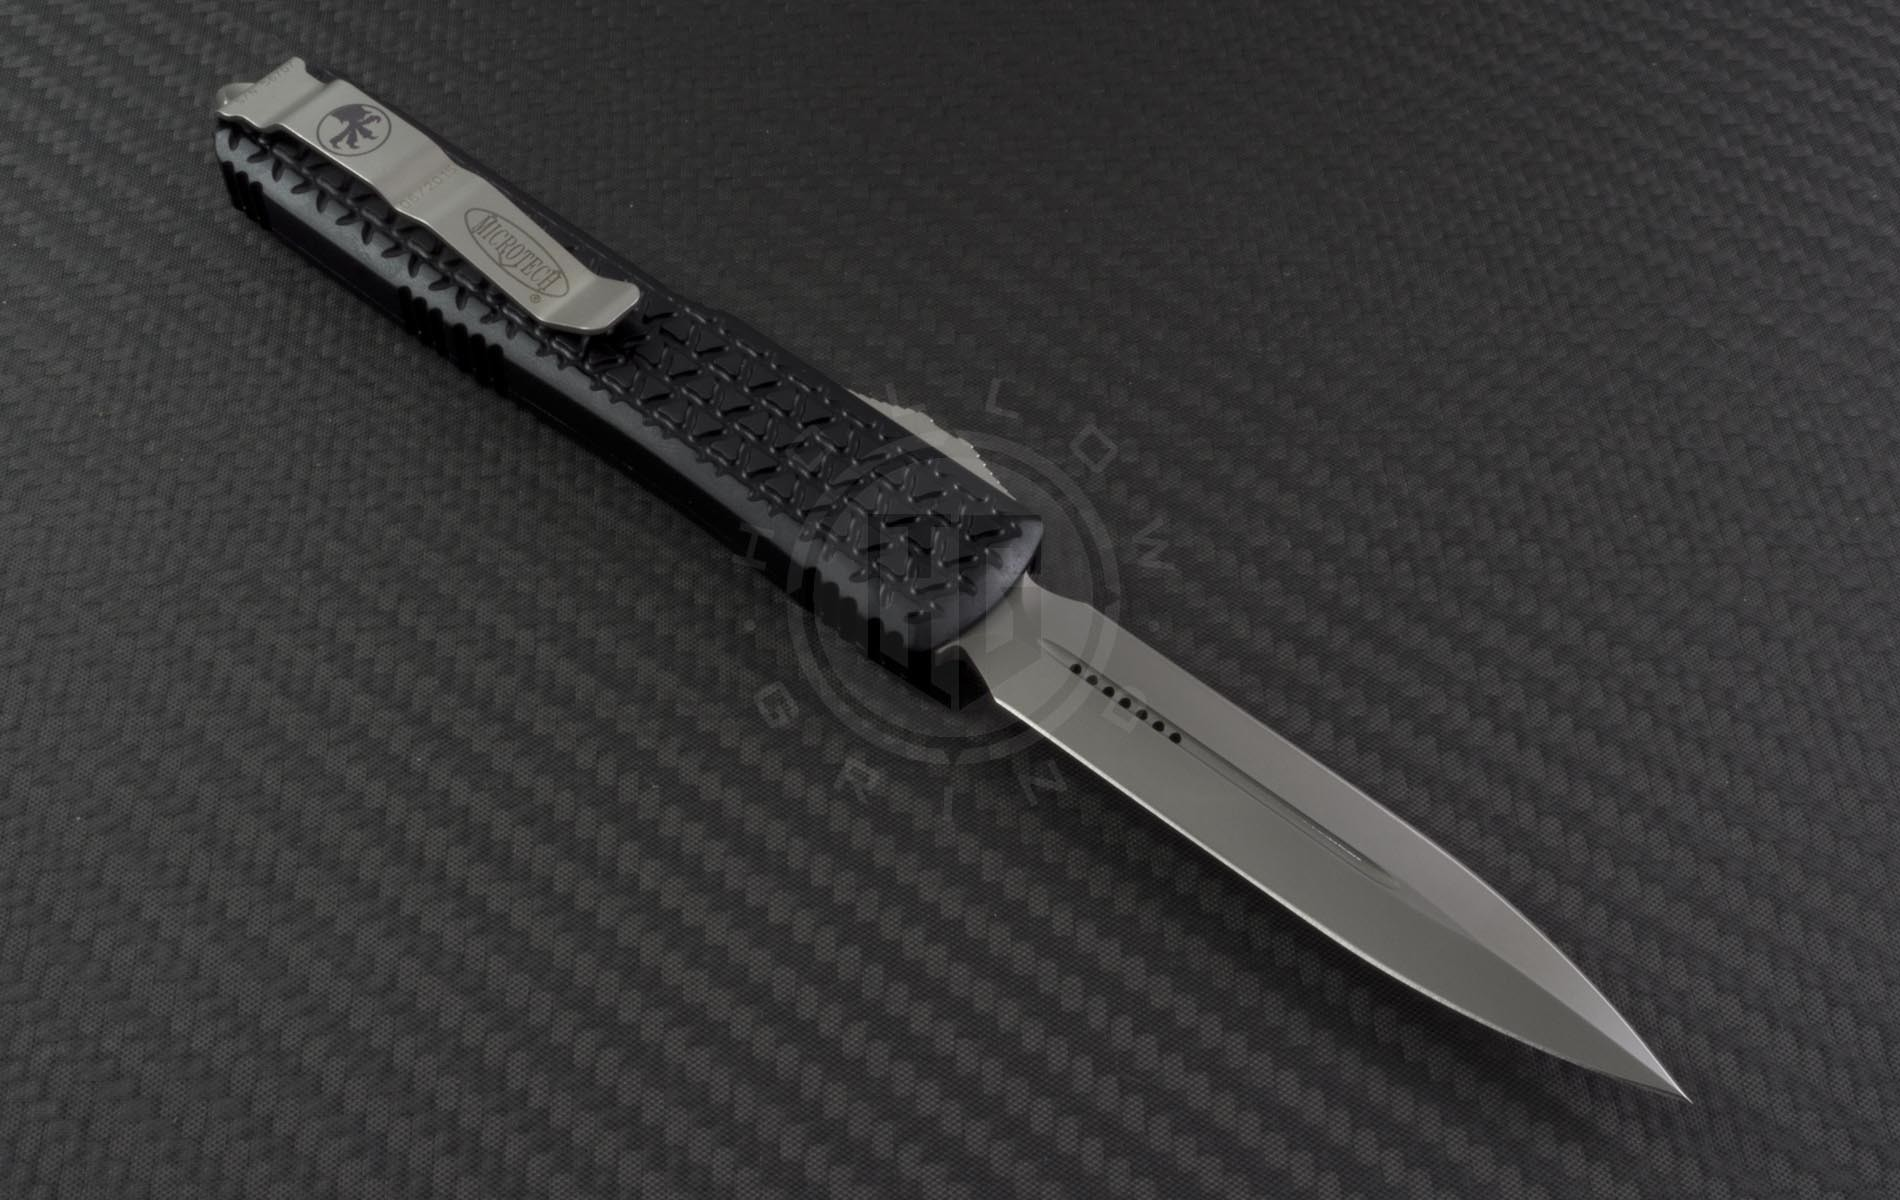 Ultra Tech Stock : Microtech knives ultratech d e automatic otf a knife